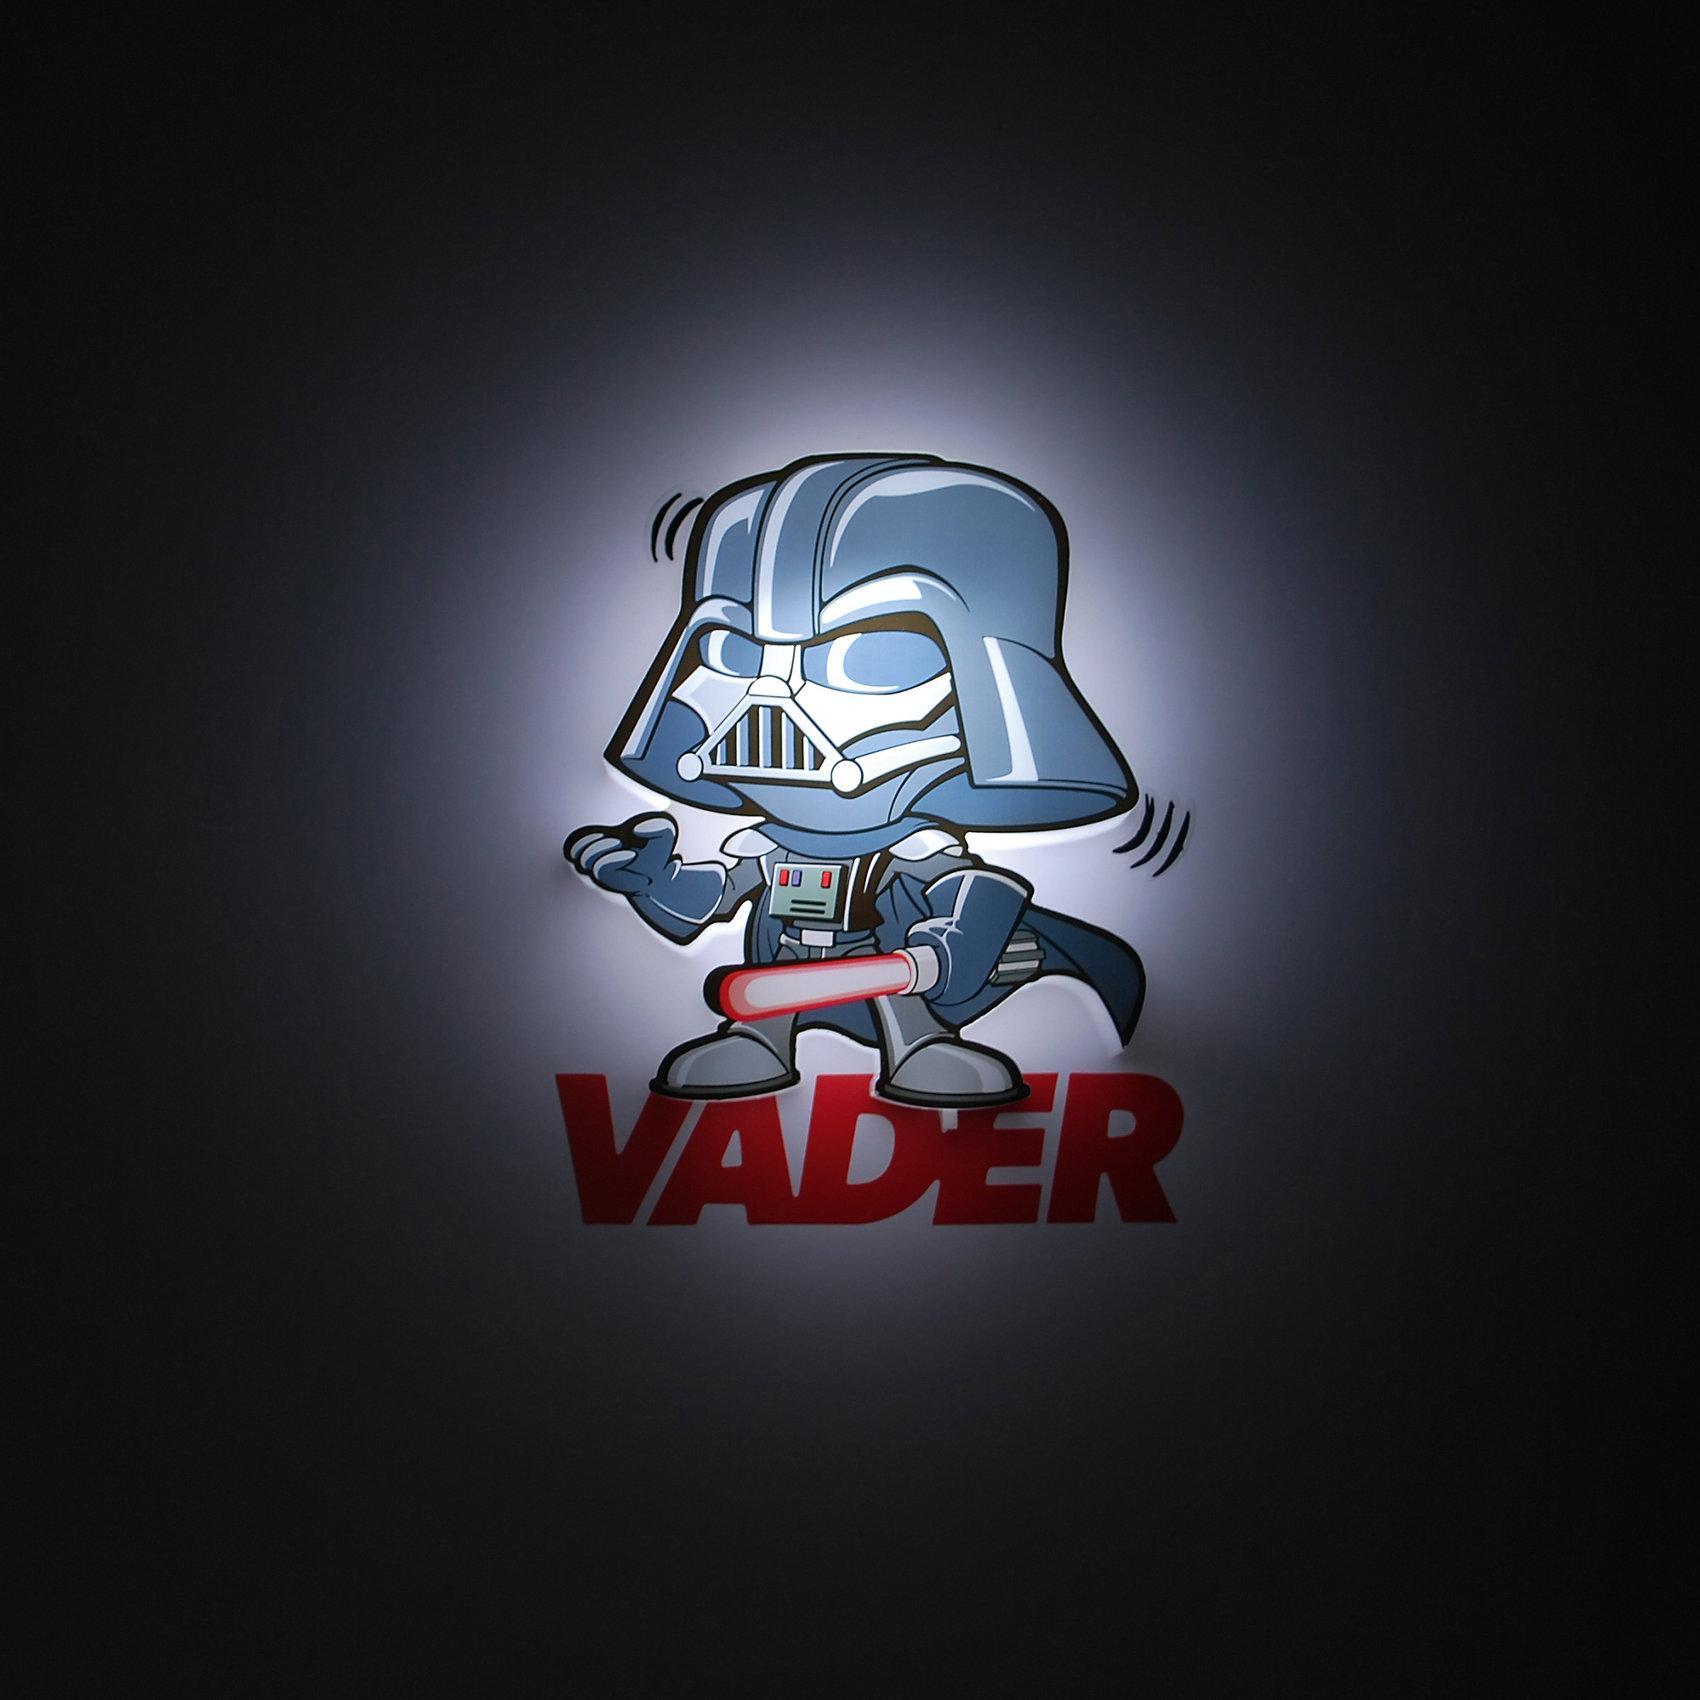 Пробивной мини 3D светильник Дарт Вейдер, Звёздные ВойныЛампы, ночники, фонарики<br>Пробивной мини 3D светильник Дарт Вейдер, Звёздные Войны – станет оригинальным декором для комнаты и подарит приятный мягкий свет.<br>Оригинальный пробивной 3D светильник, выполненный в виде Дарта Вейдера – героя саги Звездные войны, создаст сказочную атмосферу в детской комнате. Мягкое приглушенное свечение наполнит детскую комнату теплом и уютом и избавит ребенка от ночных страхов. В основе работы светильника заложена светодиодная LED-технология, благодаря которой - он лёгкий, затрачивает небольшое количество энергии, не нагревается. Включение и выключения светильника выполняется путем передвижения рычажка. Приятным дополнением к светильнику служат тематические наклейки для декора.<br><br>Дополнительная информация:<br><br>- В комплекте: светильник; наклейки; крепеж<br>- Товар предназначен для детей старше 3 лет<br>- Безопасный: без проводов, работает от батареек (2хААА, не входят в комплект)<br>- Используются светодиоды: LED технология<br>- Не нагревается: всегда можно дотронуться до изделия<br>- Фантастический: выглядит превосходно в любое время суток<br>- Удобный: простая установка (автоматическое выключение через полчаса непрерывной работы)<br>- Материал: пластик, металл<br>- Размер светильника: 13,2х12,5х3 см.<br>- Размер упаковки: 16,9х4,1х16 см.<br>- Вес: 160 г.<br>- ВНИМАНИЕ! Содержит мелкие детали, использовать под непосредственным наблюдением взрослых<br>- Страна происхождения: Китай<br>- Дизайн и разработка: Канада<br><br>Пробивной мини 3D светильник Дарт Вейдер, Звёздные Войны можно купить в нашем интернет-магазине.<br><br>Ширина мм: 169<br>Глубина мм: 41<br>Высота мм: 160<br>Вес г: 160<br>Возраст от месяцев: 36<br>Возраст до месяцев: 2147483647<br>Пол: Унисекс<br>Возраст: Детский<br>SKU: 4566034